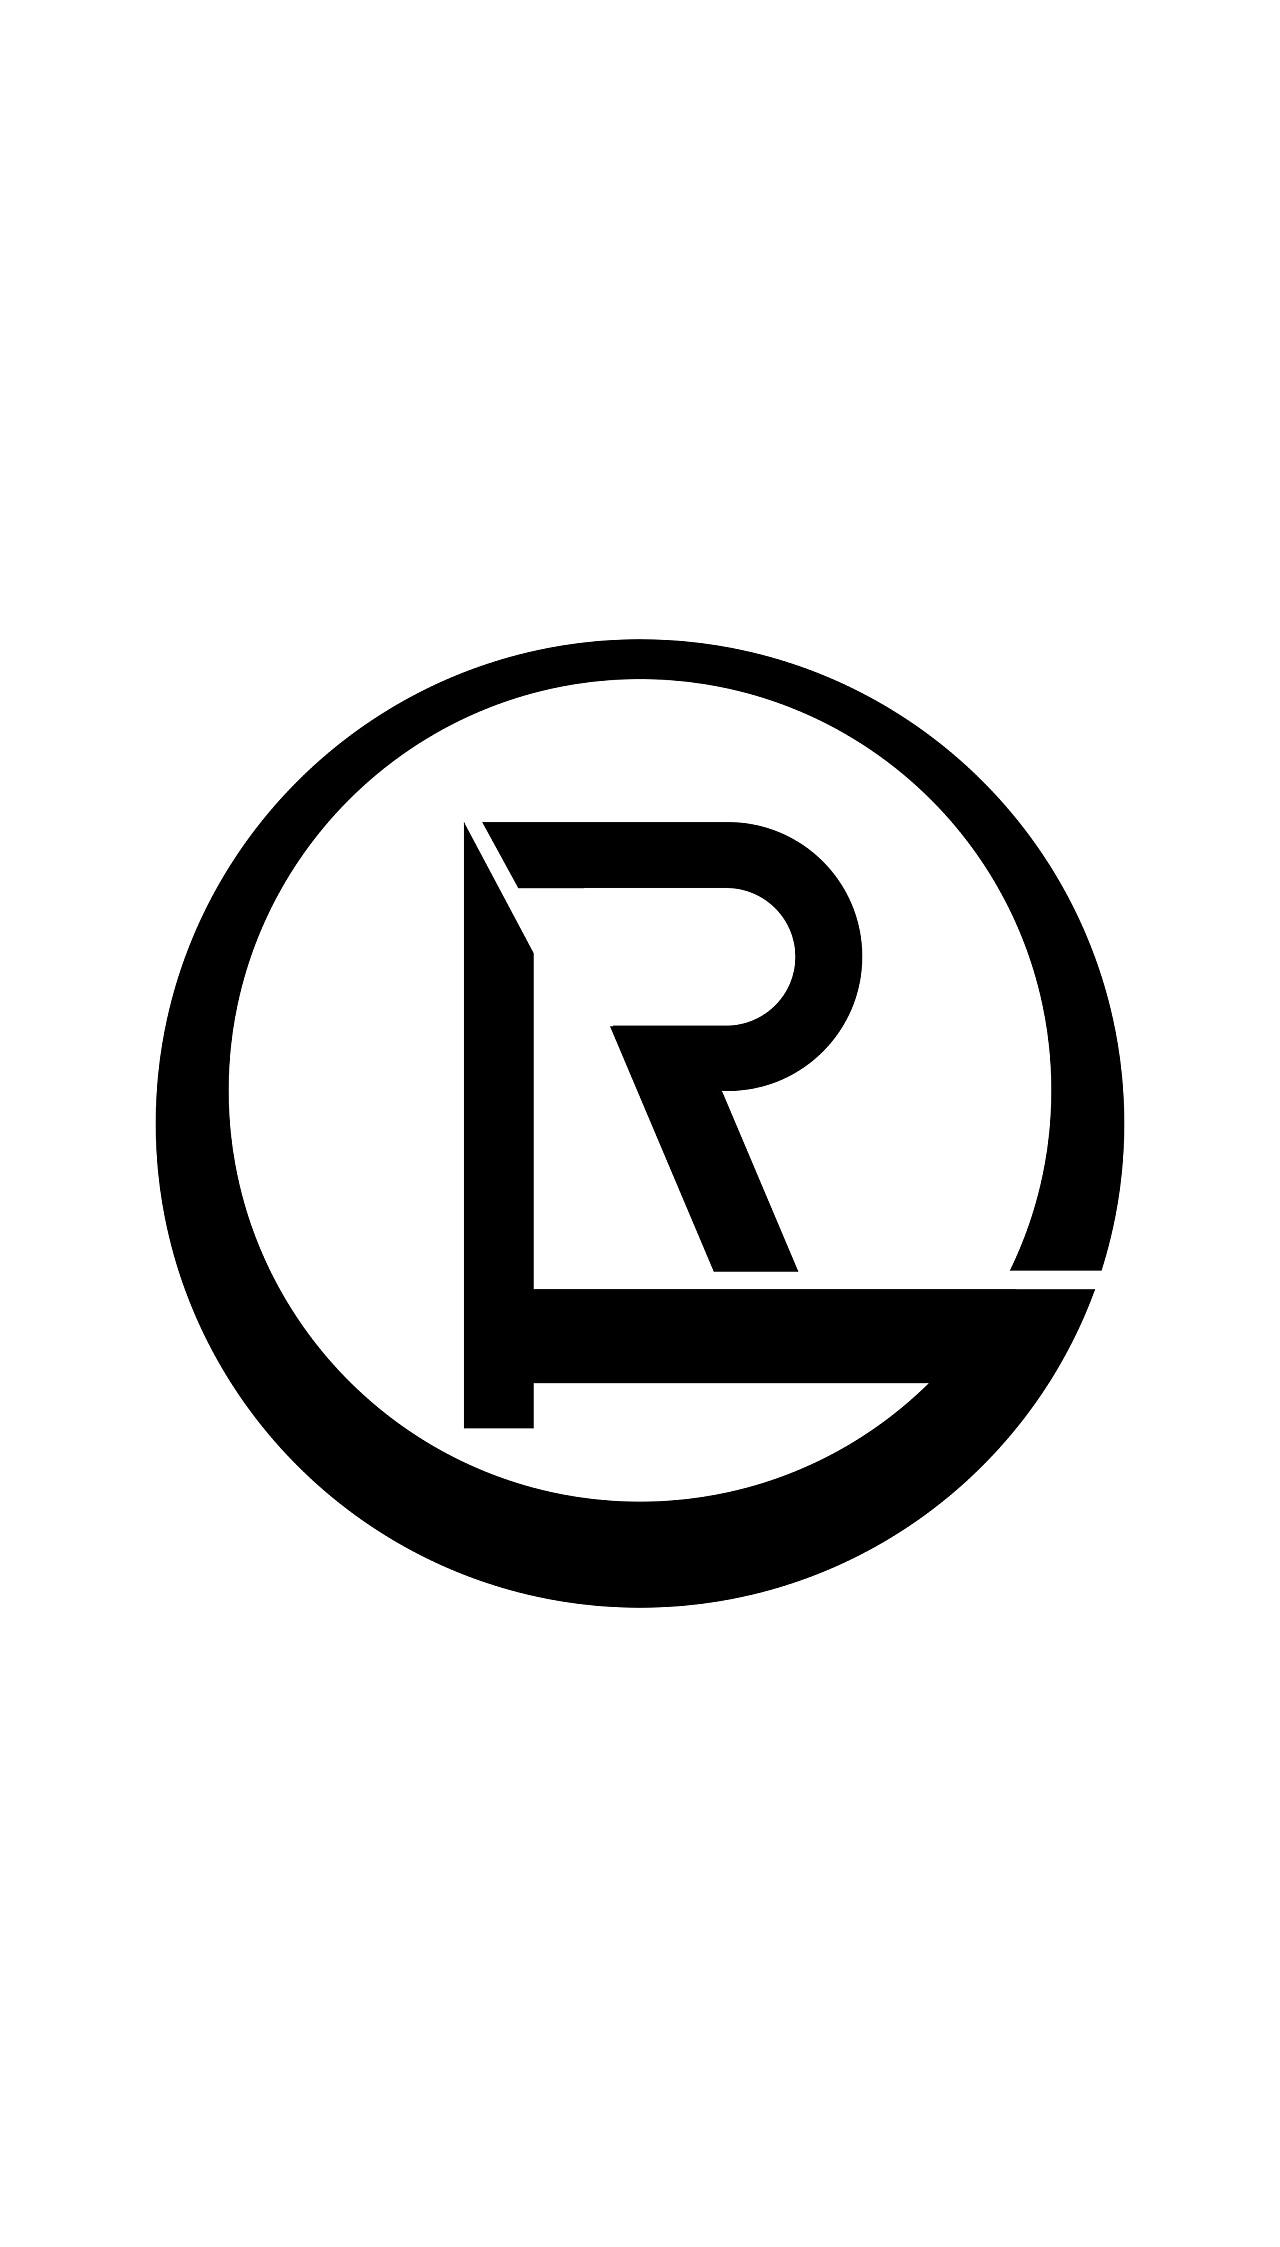 字母rg----logo|平面|标志|s_好男人 - 原创作品图片